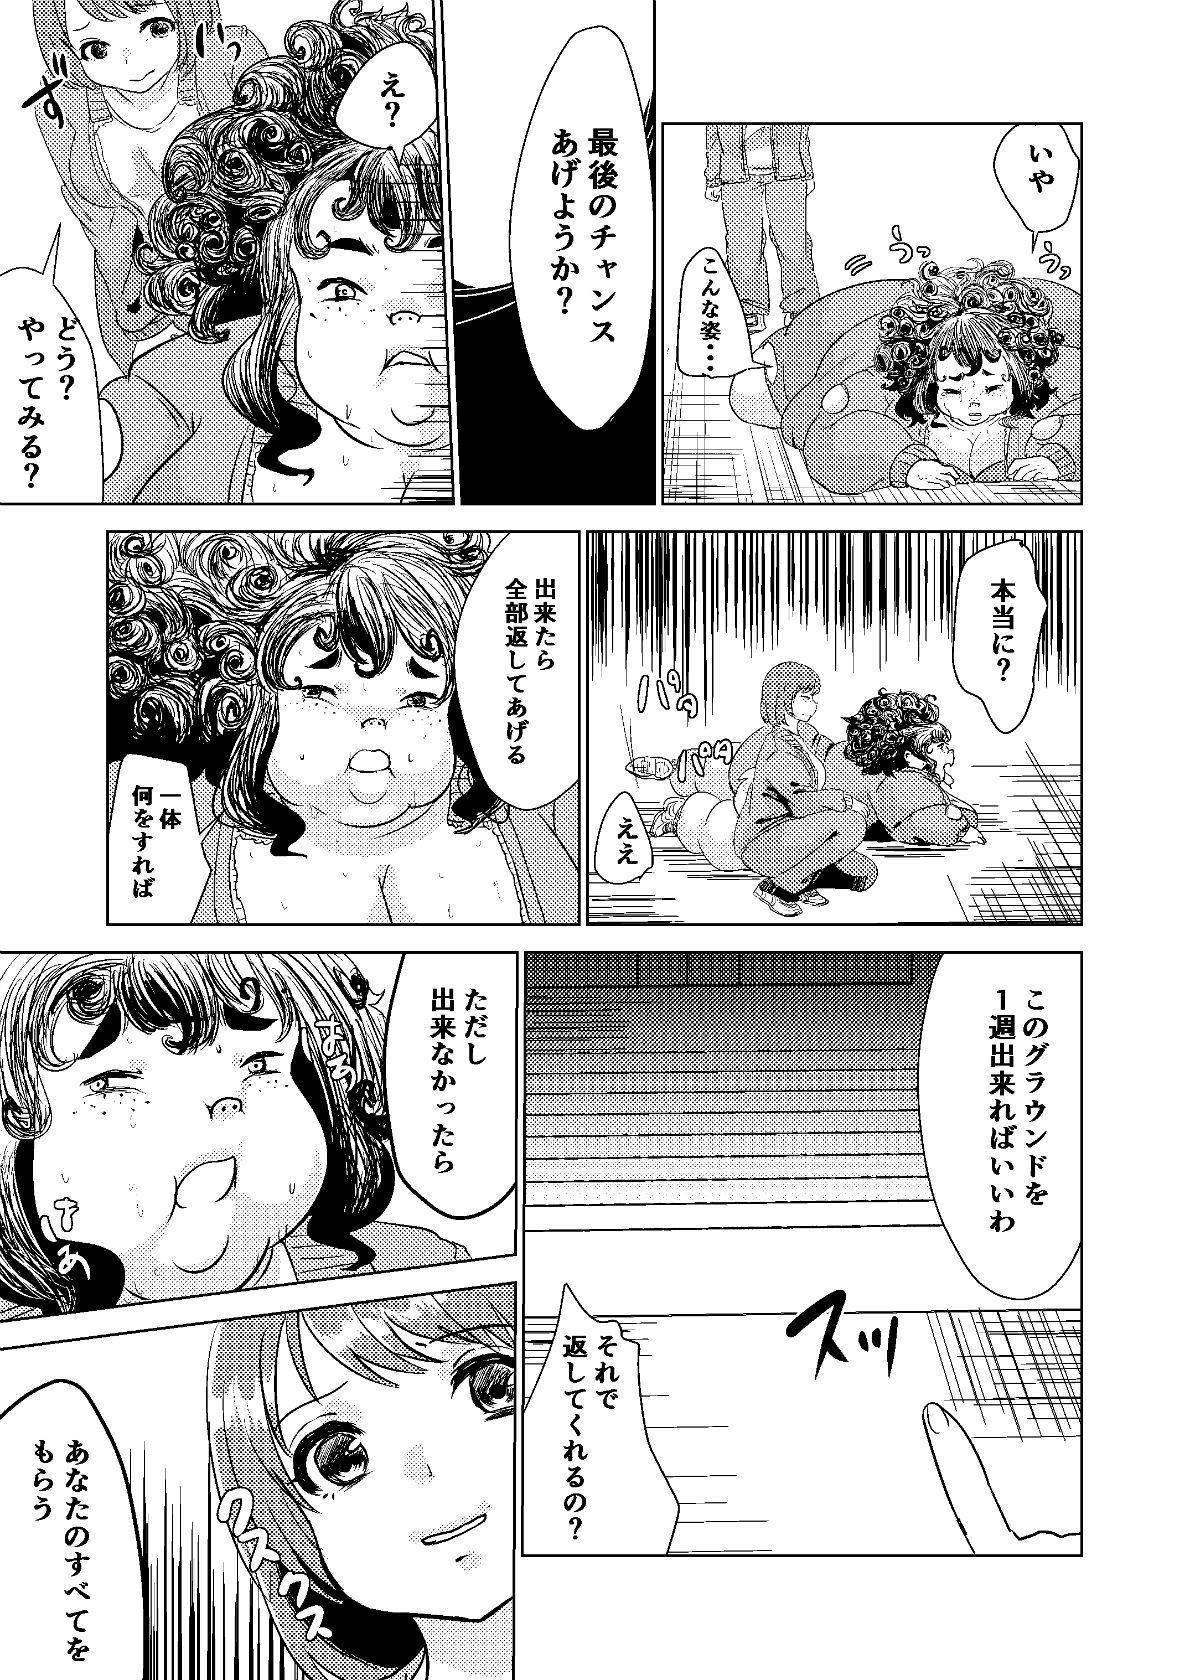 Kyou kara Watashi wa Anata ni Naru. 30